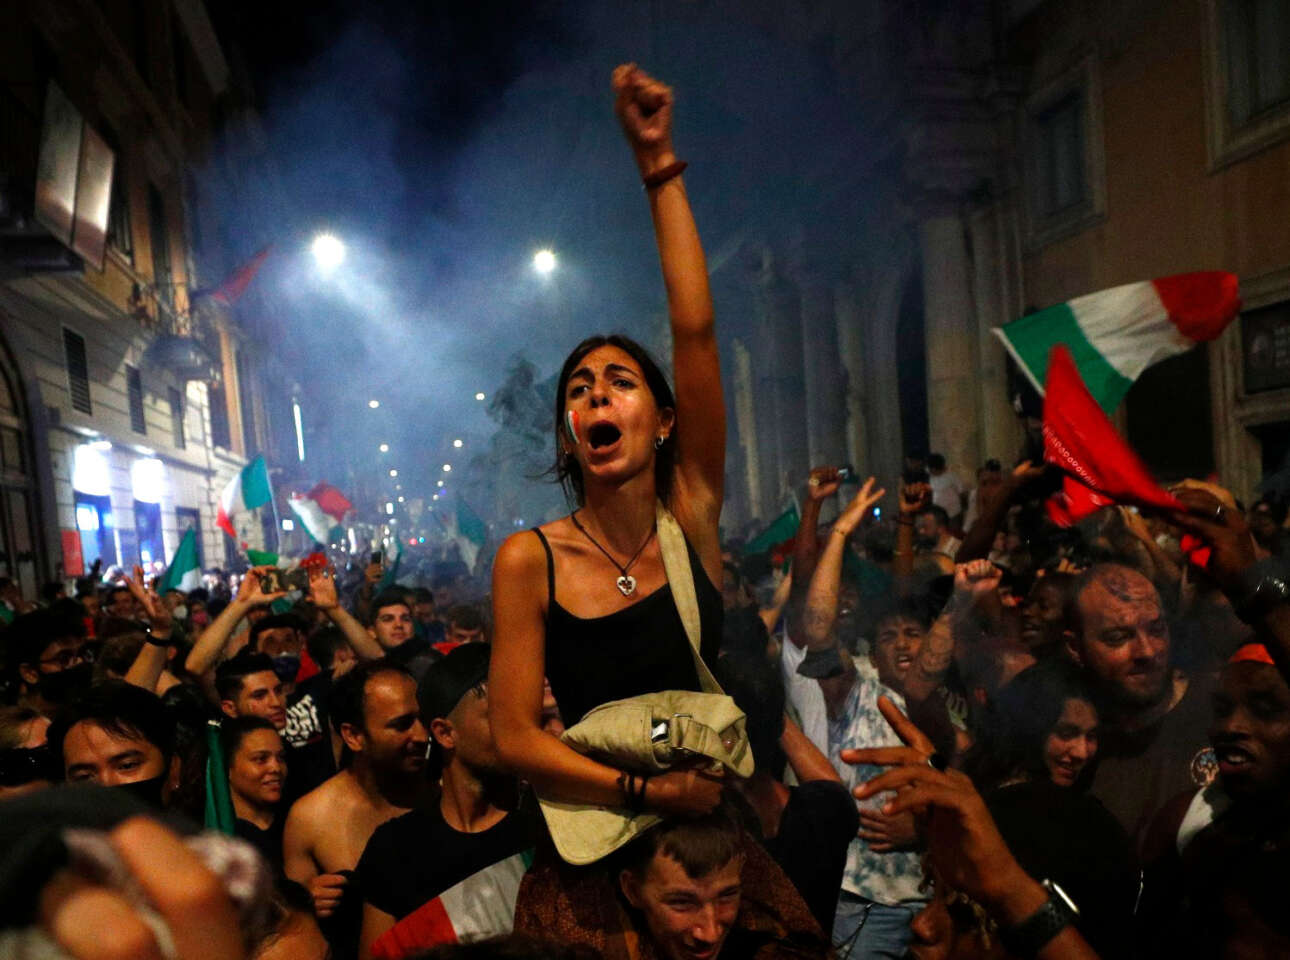 Eκσταση για την Ιταλία Πρωταθλήτρια Ευρώπης